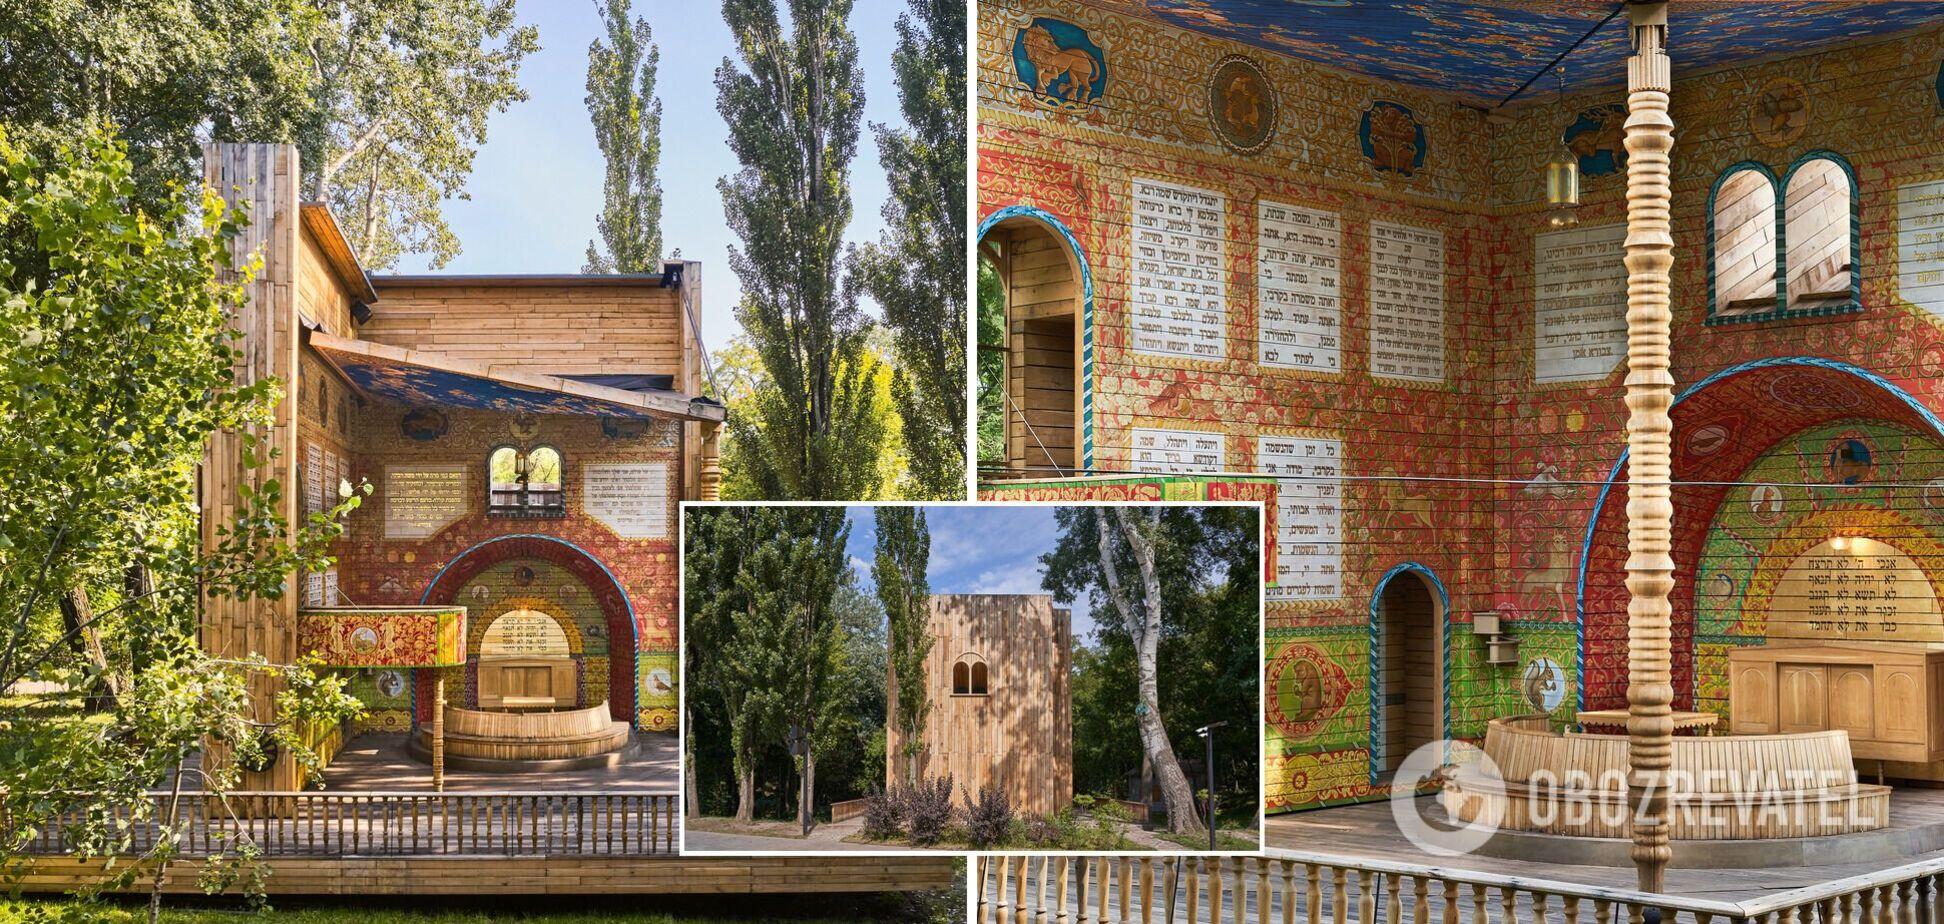 Символічна синагога 'Місце для роздумів' перемогла в номінації 'Культурний об'єкт' престижної премії